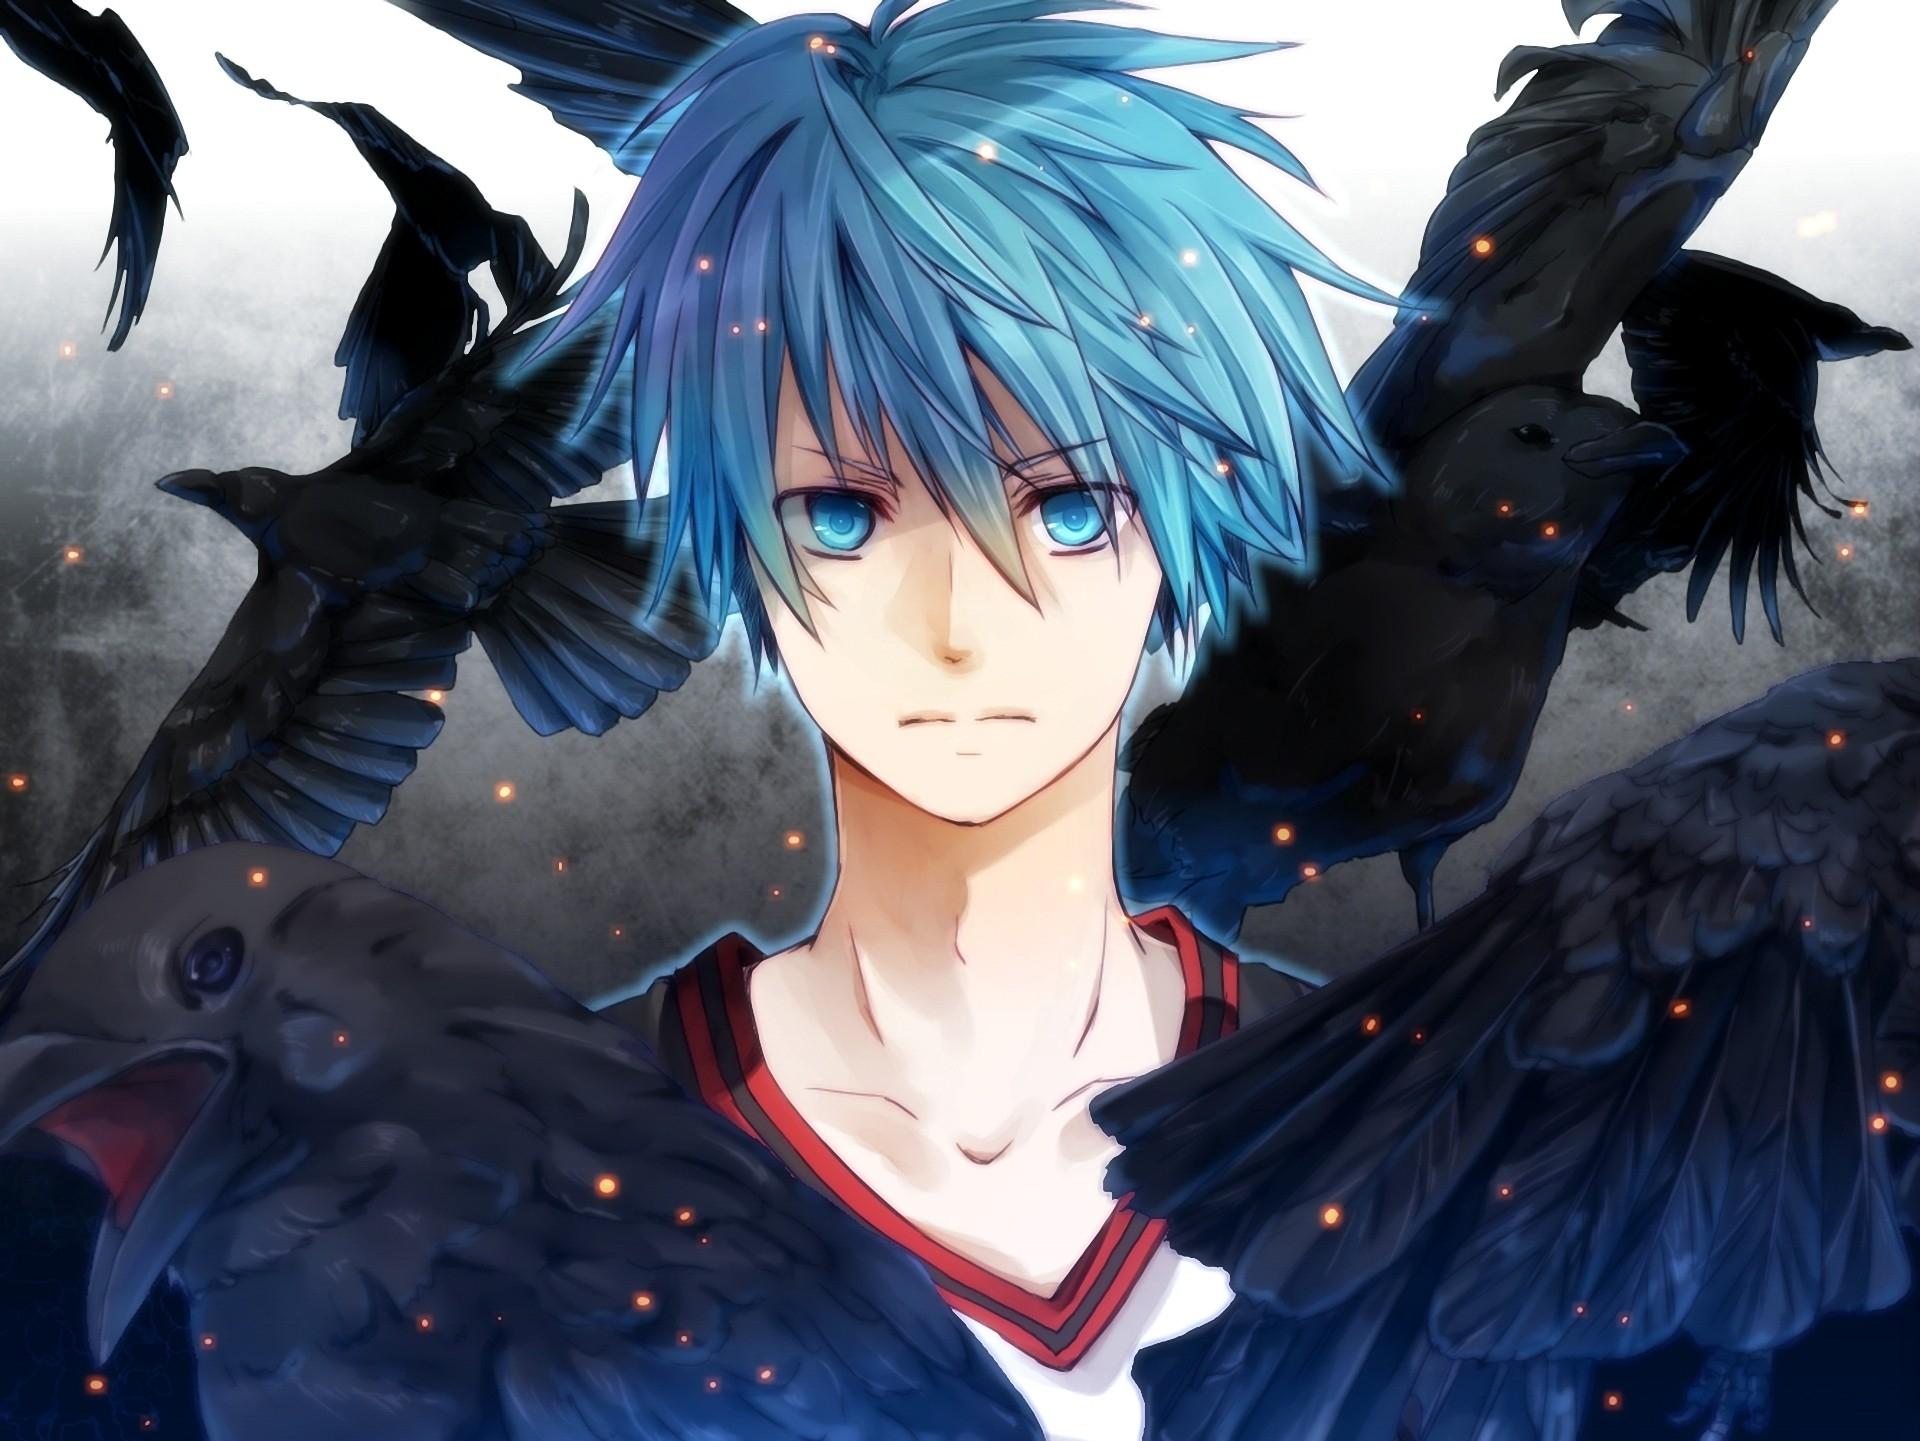 Ảnh anime boy tóc xanh đẹp